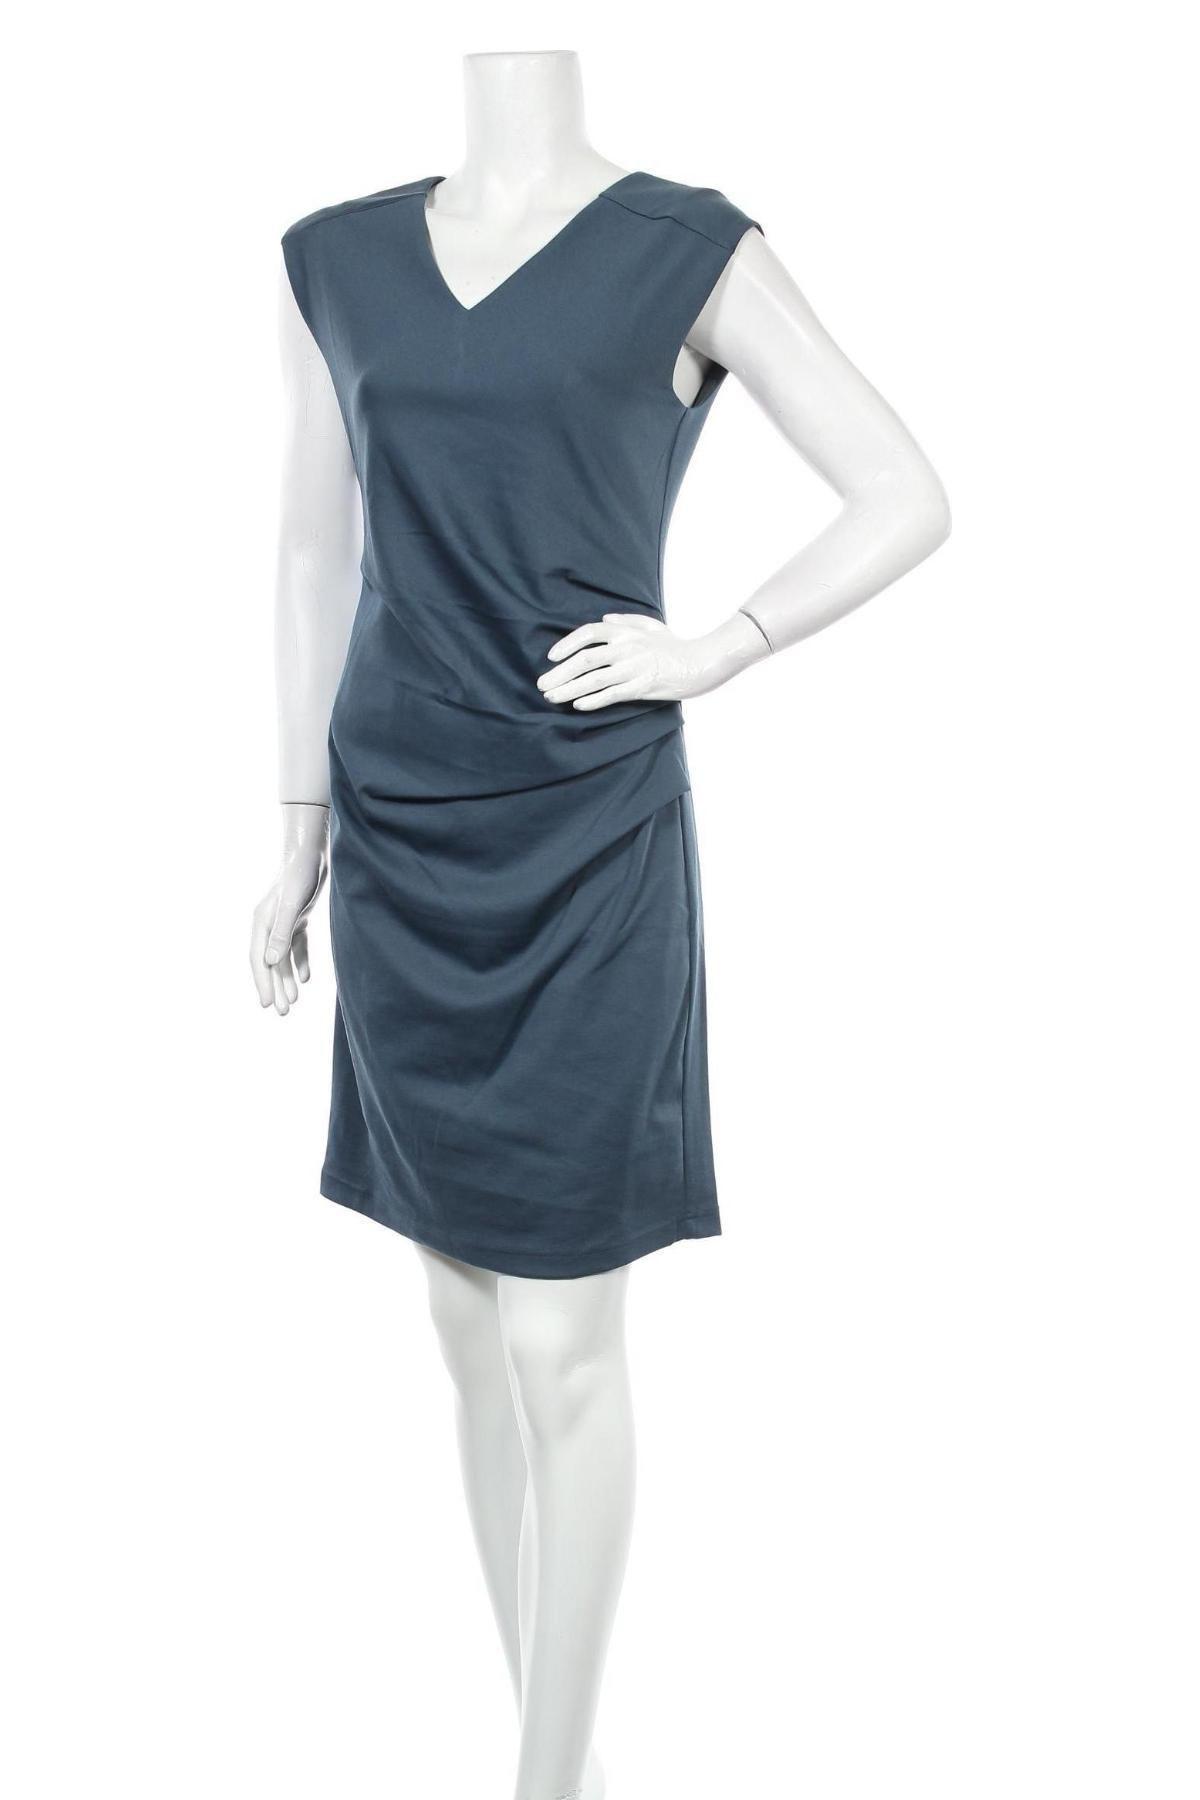 Φόρεμα Kaffe, Μέγεθος M, Χρώμα Μπλέ, 80% πολυεστέρας, 17% βισκόζη, 3% ελαστάνη, Τιμή 57,60€